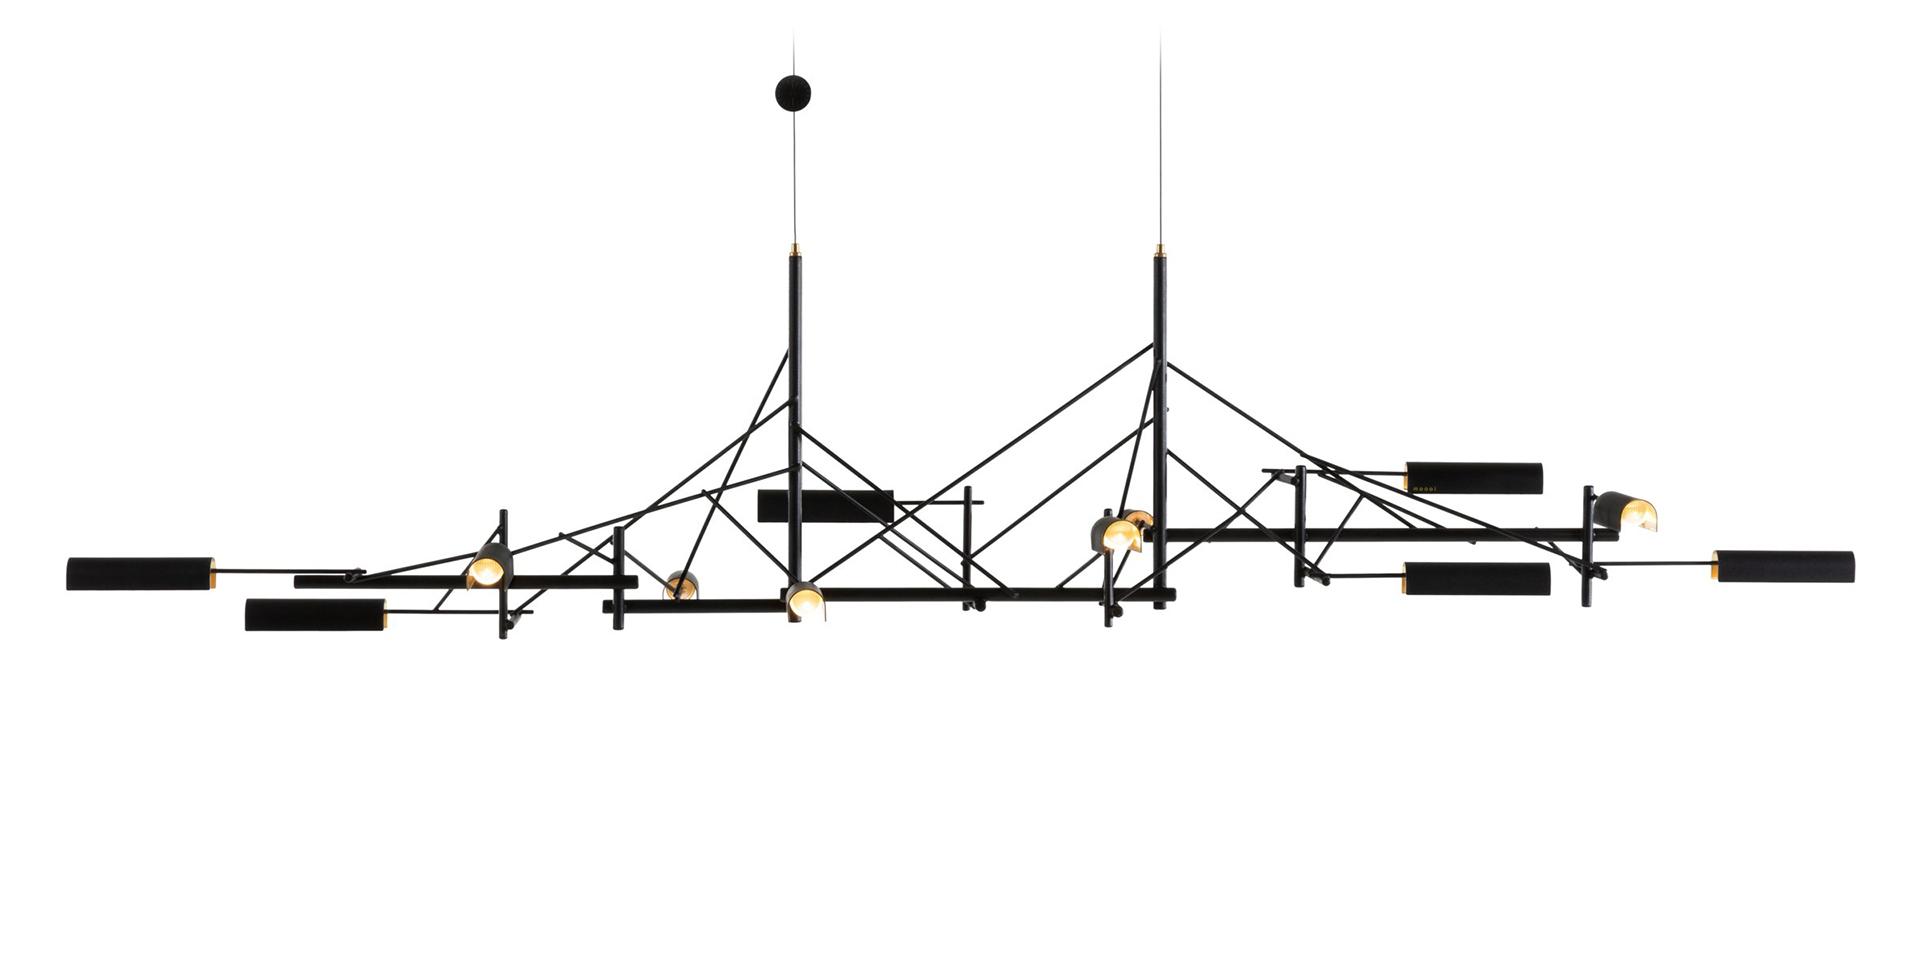 Светодизайн 2020: рукотворный и технологичный светильник Юста ван Блейзвика